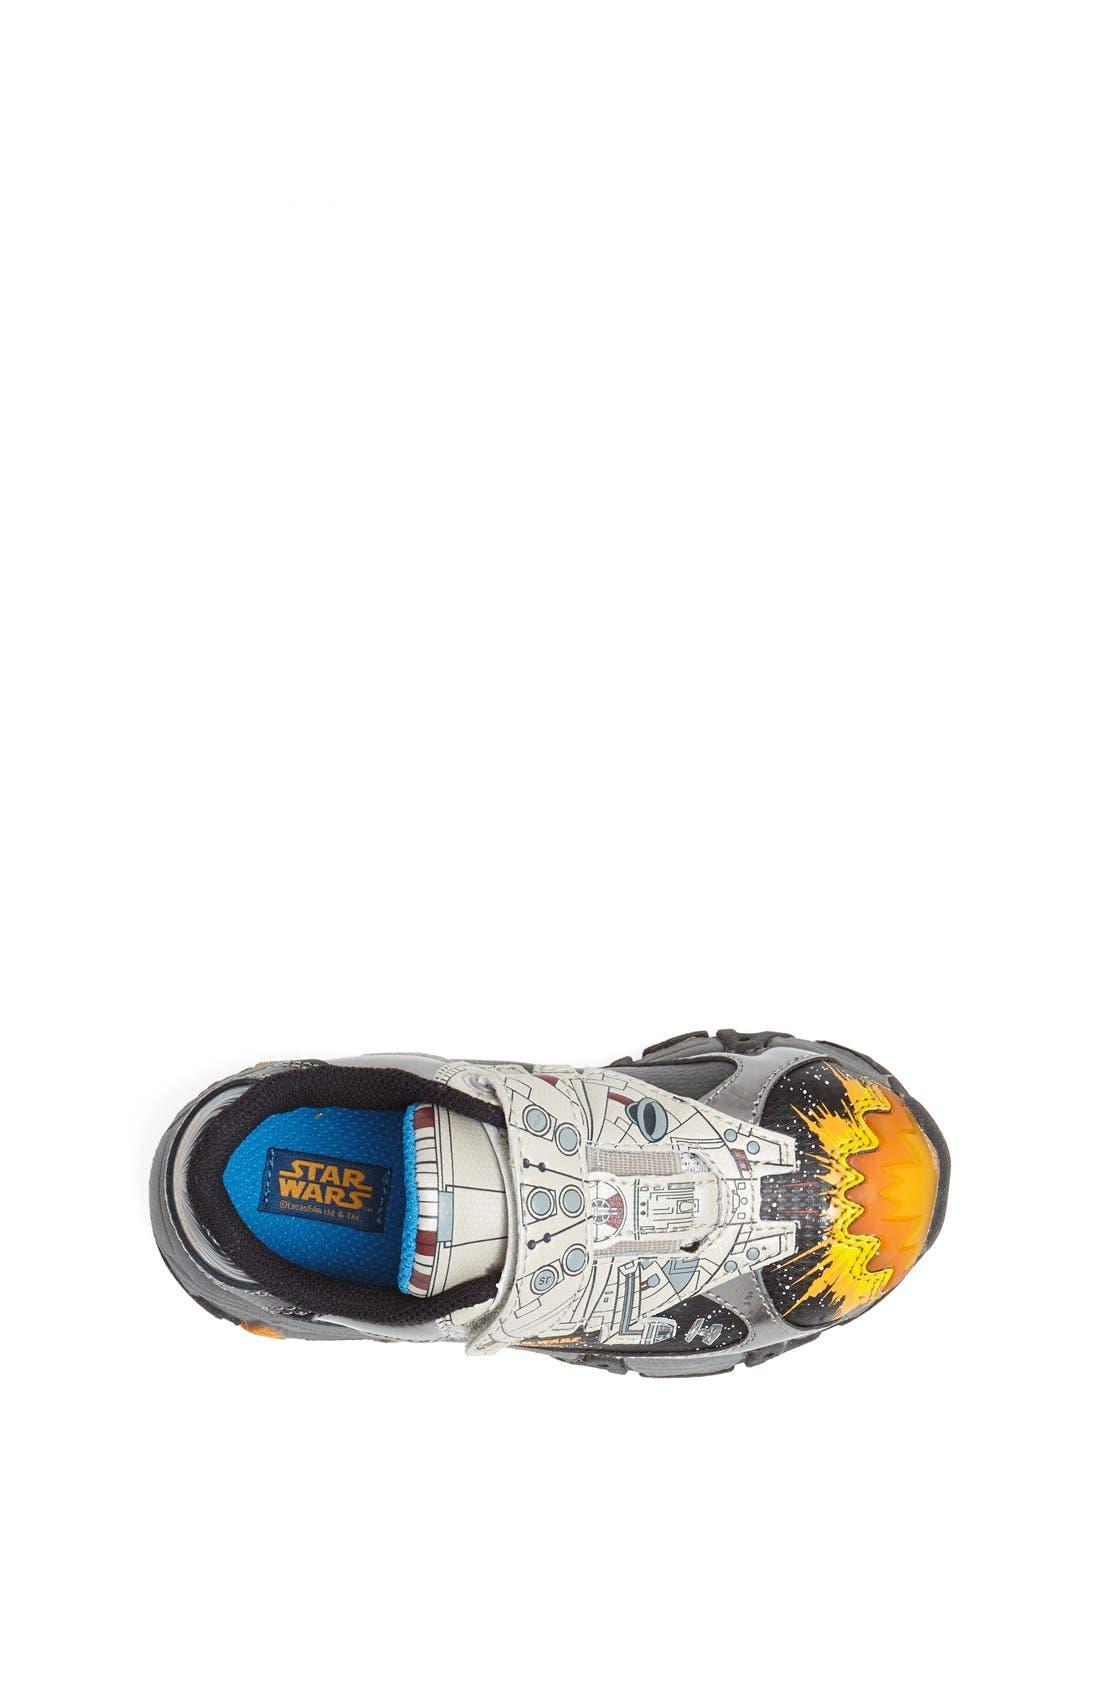 Alternate Image 3  - Stride Rite 'Star Wars™  - Millenium Falcon™' Light-Up Sneaker (Toddler & Little Kid)